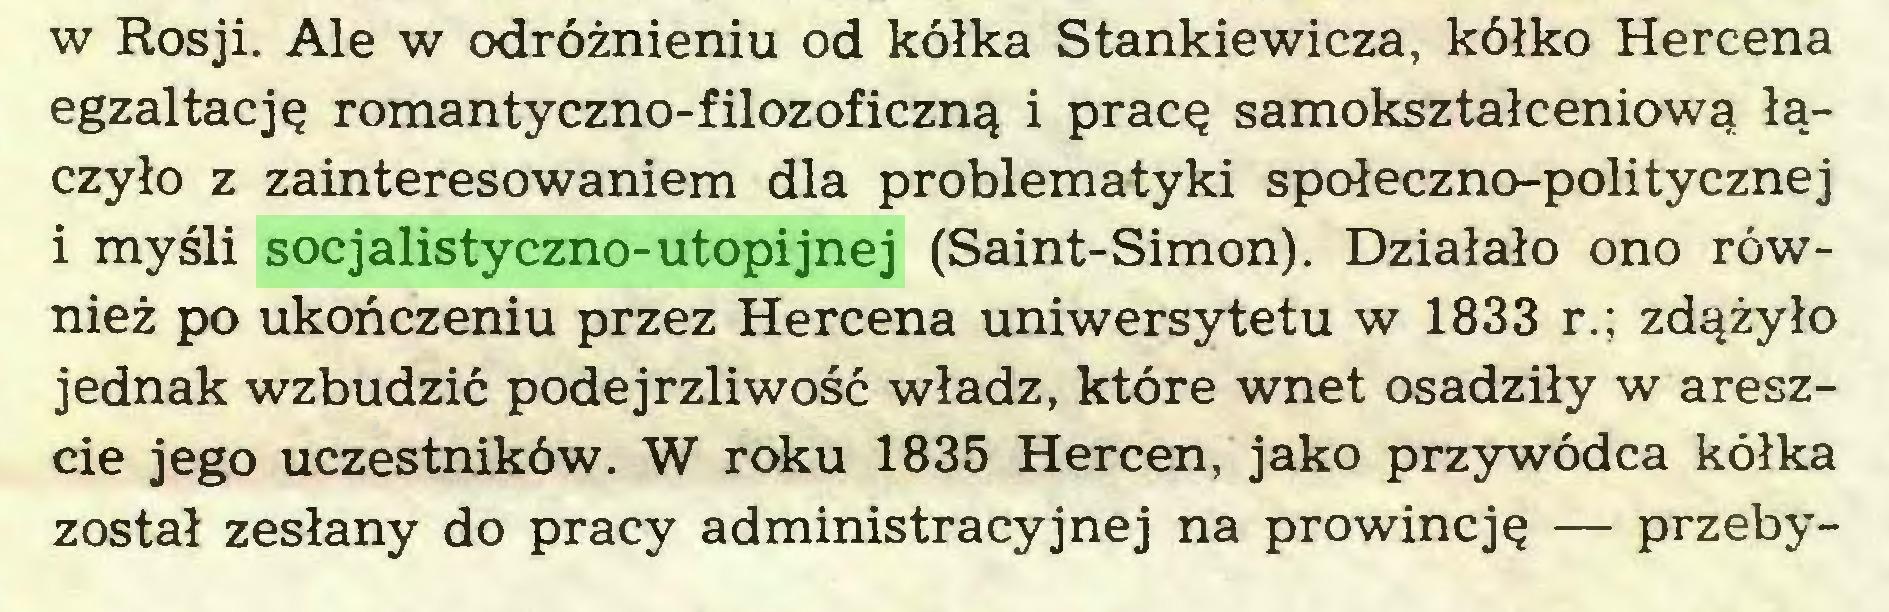 (...) w Rosji. Ale w odróżnieniu od kółka Stankiewicza, kółko Hercena egzaltację romantyczno-filozoficzną i pracę samokształceniową łączyło z zainteresowaniem dla problematyki społeczno-politycznej i myśli socjalistyczno-utopijnej (Saint-Simon). Działało ono również po ukończeniu przez Hercena uniwersytetu w 1833 r.; zdążyło jednak wzbudzić podejrzliwość władz, które wnet osadziły w areszcie jego uczestników. W roku 1835 Hercen, jako przywódca kółka został zesłany do pracy administracyjnej na prowincję — przeby...